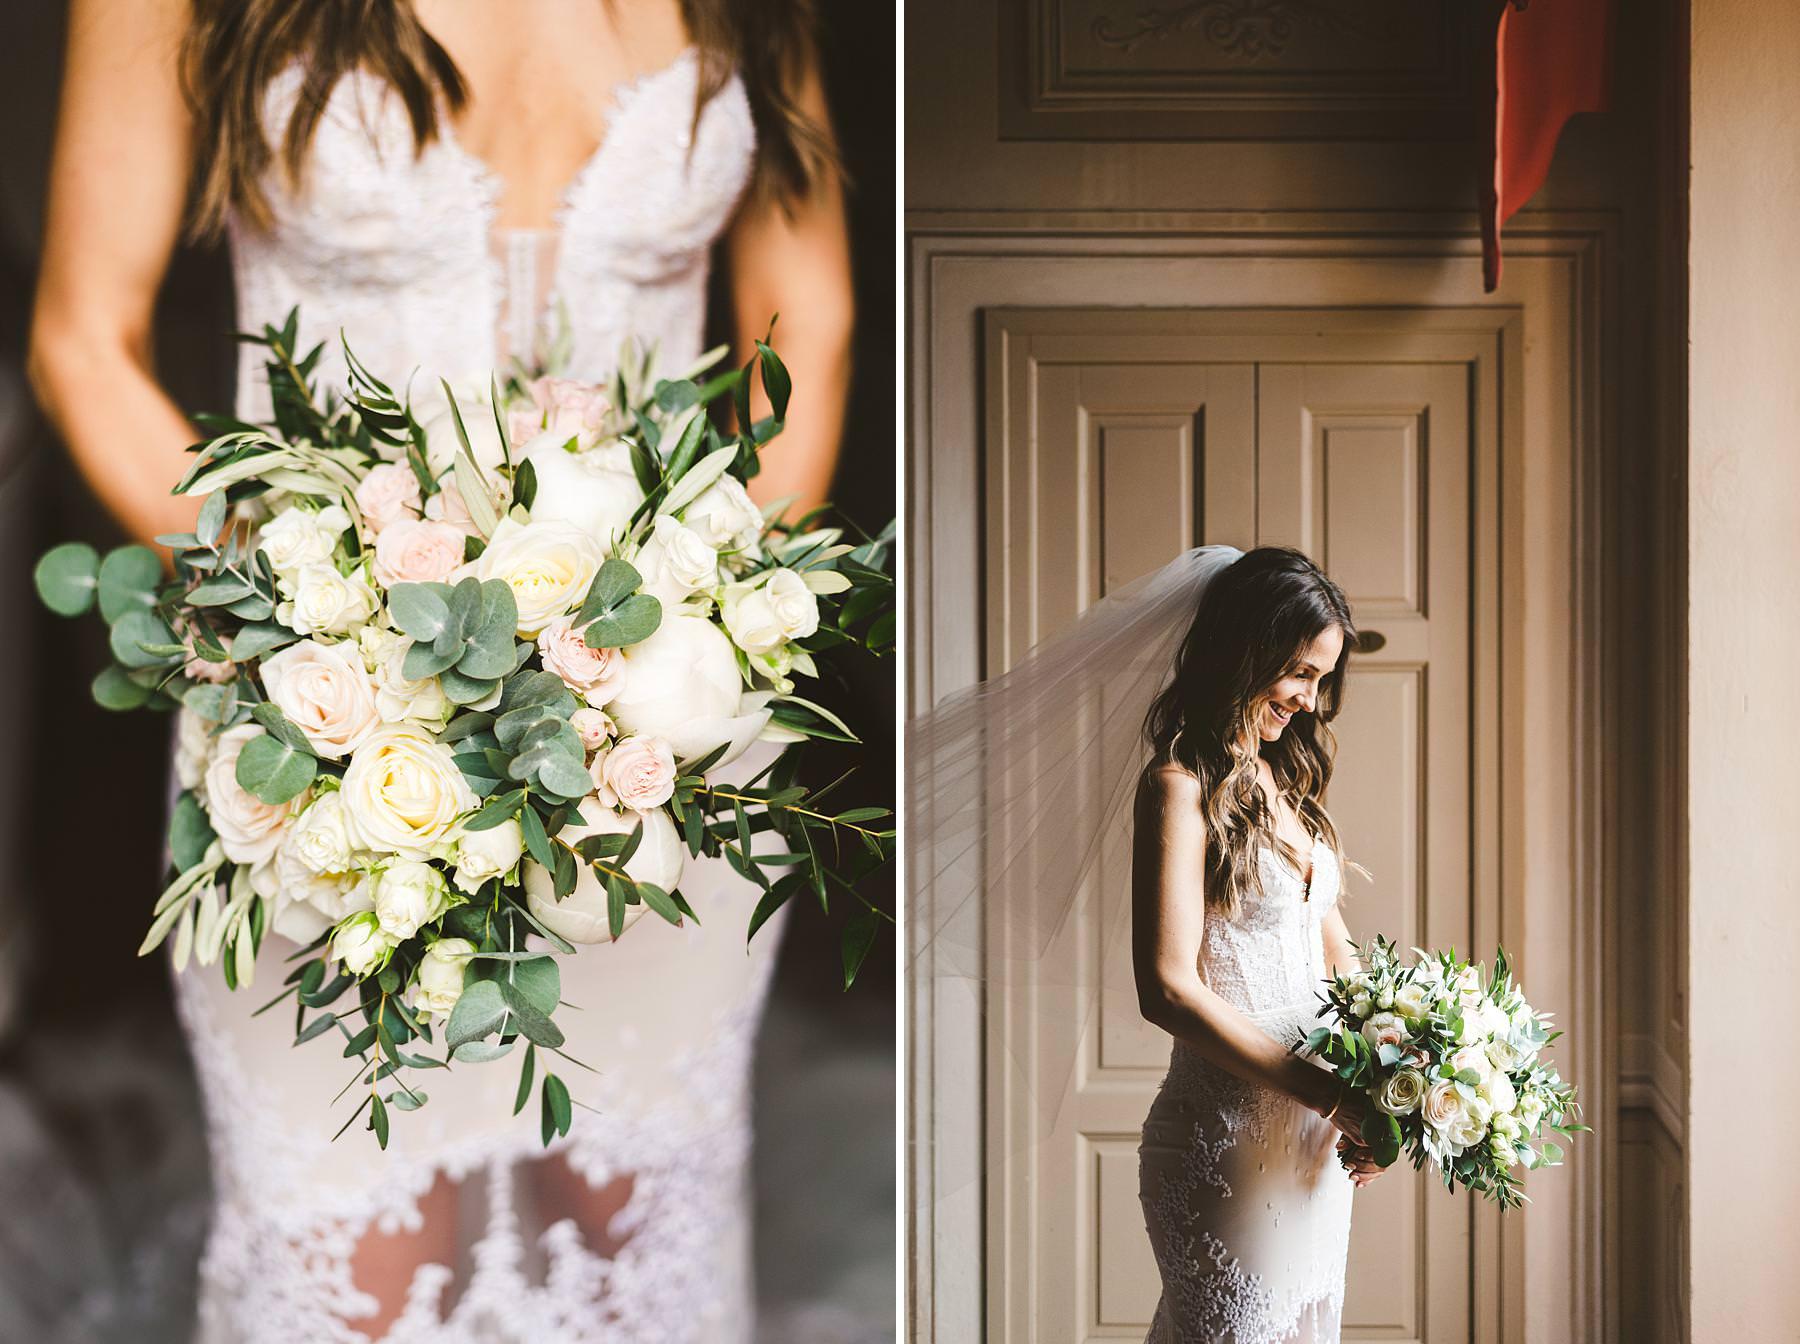 Beautiful bride portrait at Villa Il Poggiale, a stunning venue in the heart of Chianti